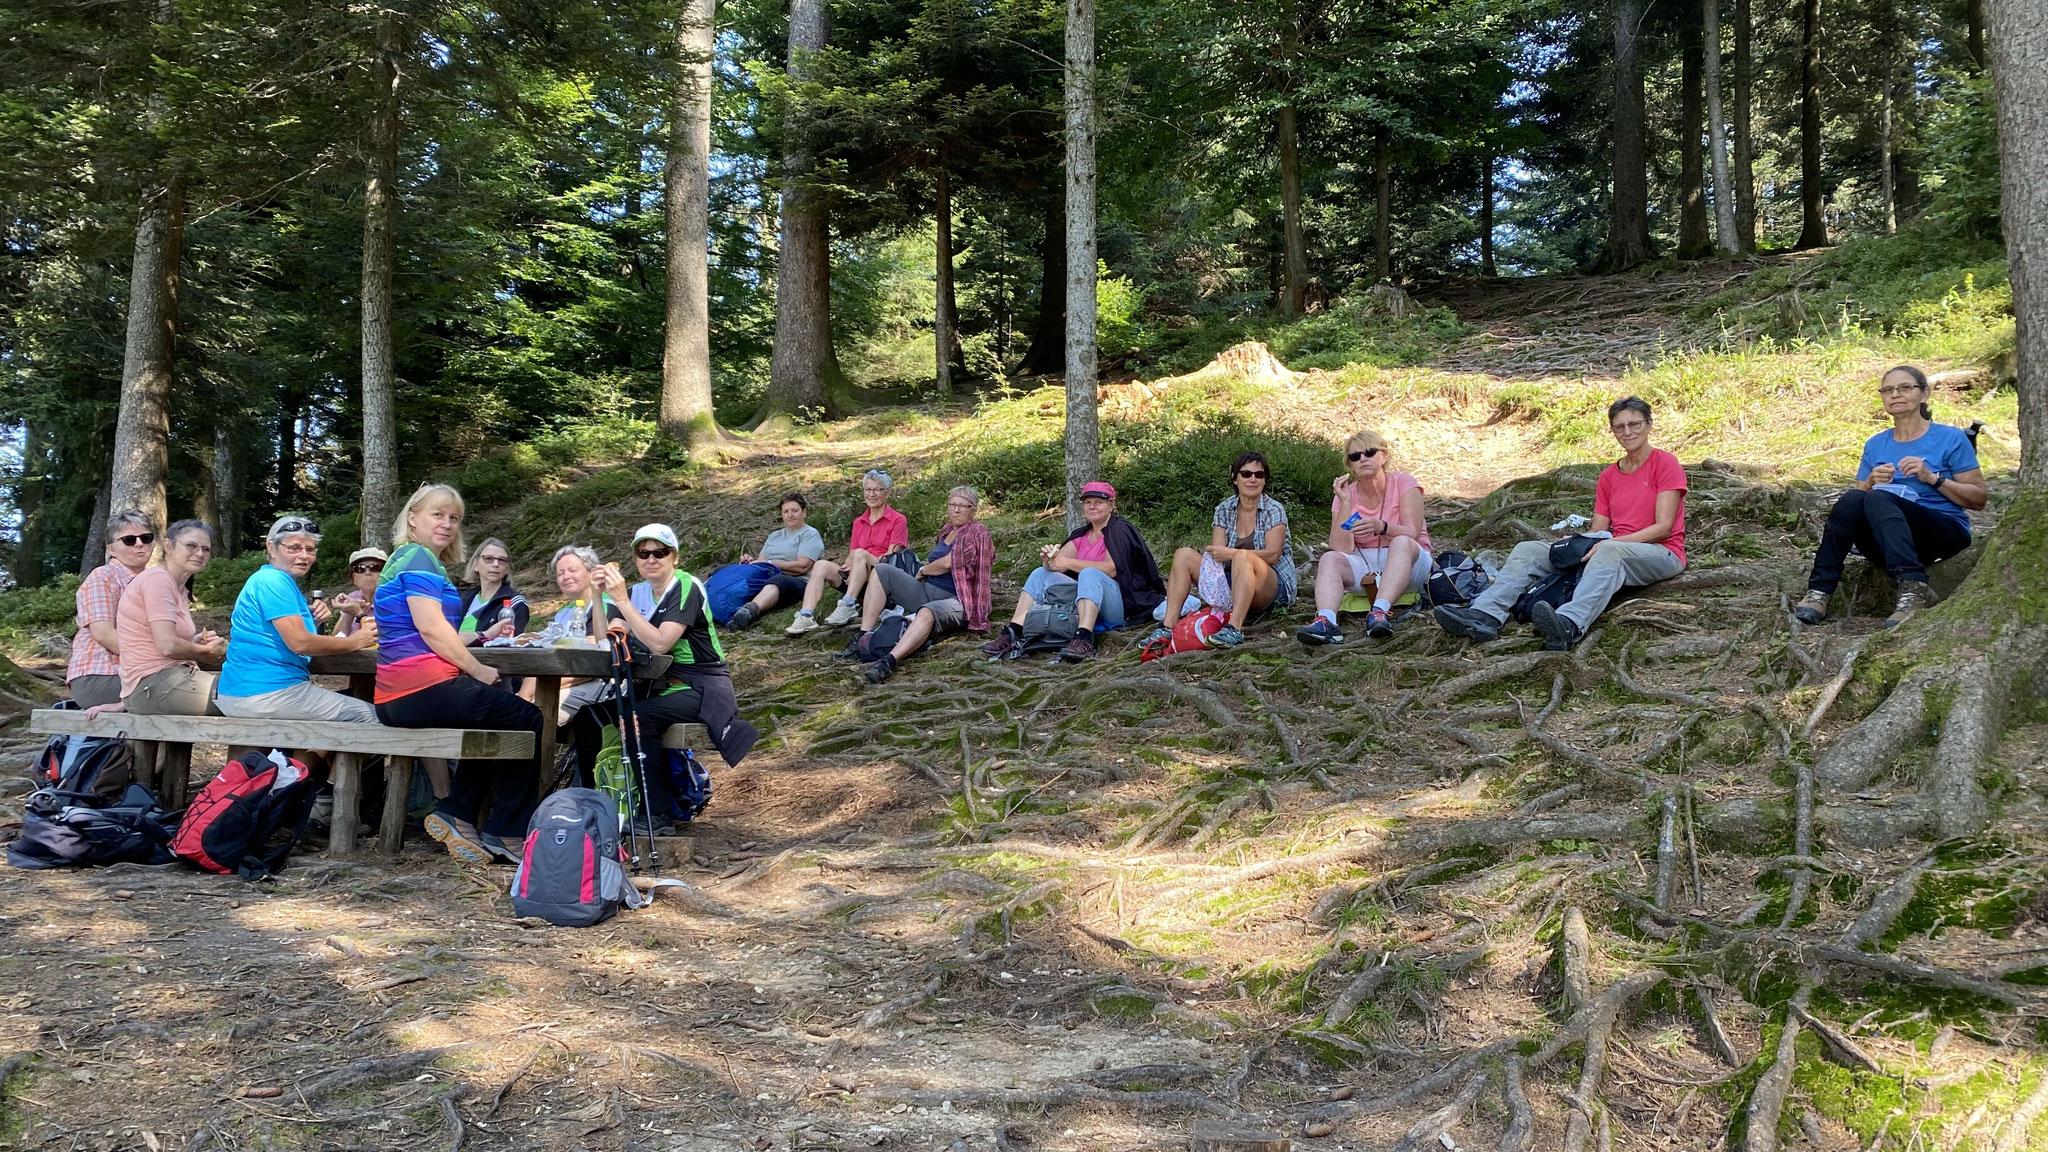 Mittagspause bei Abenteuerspielplatz Schattwäldli